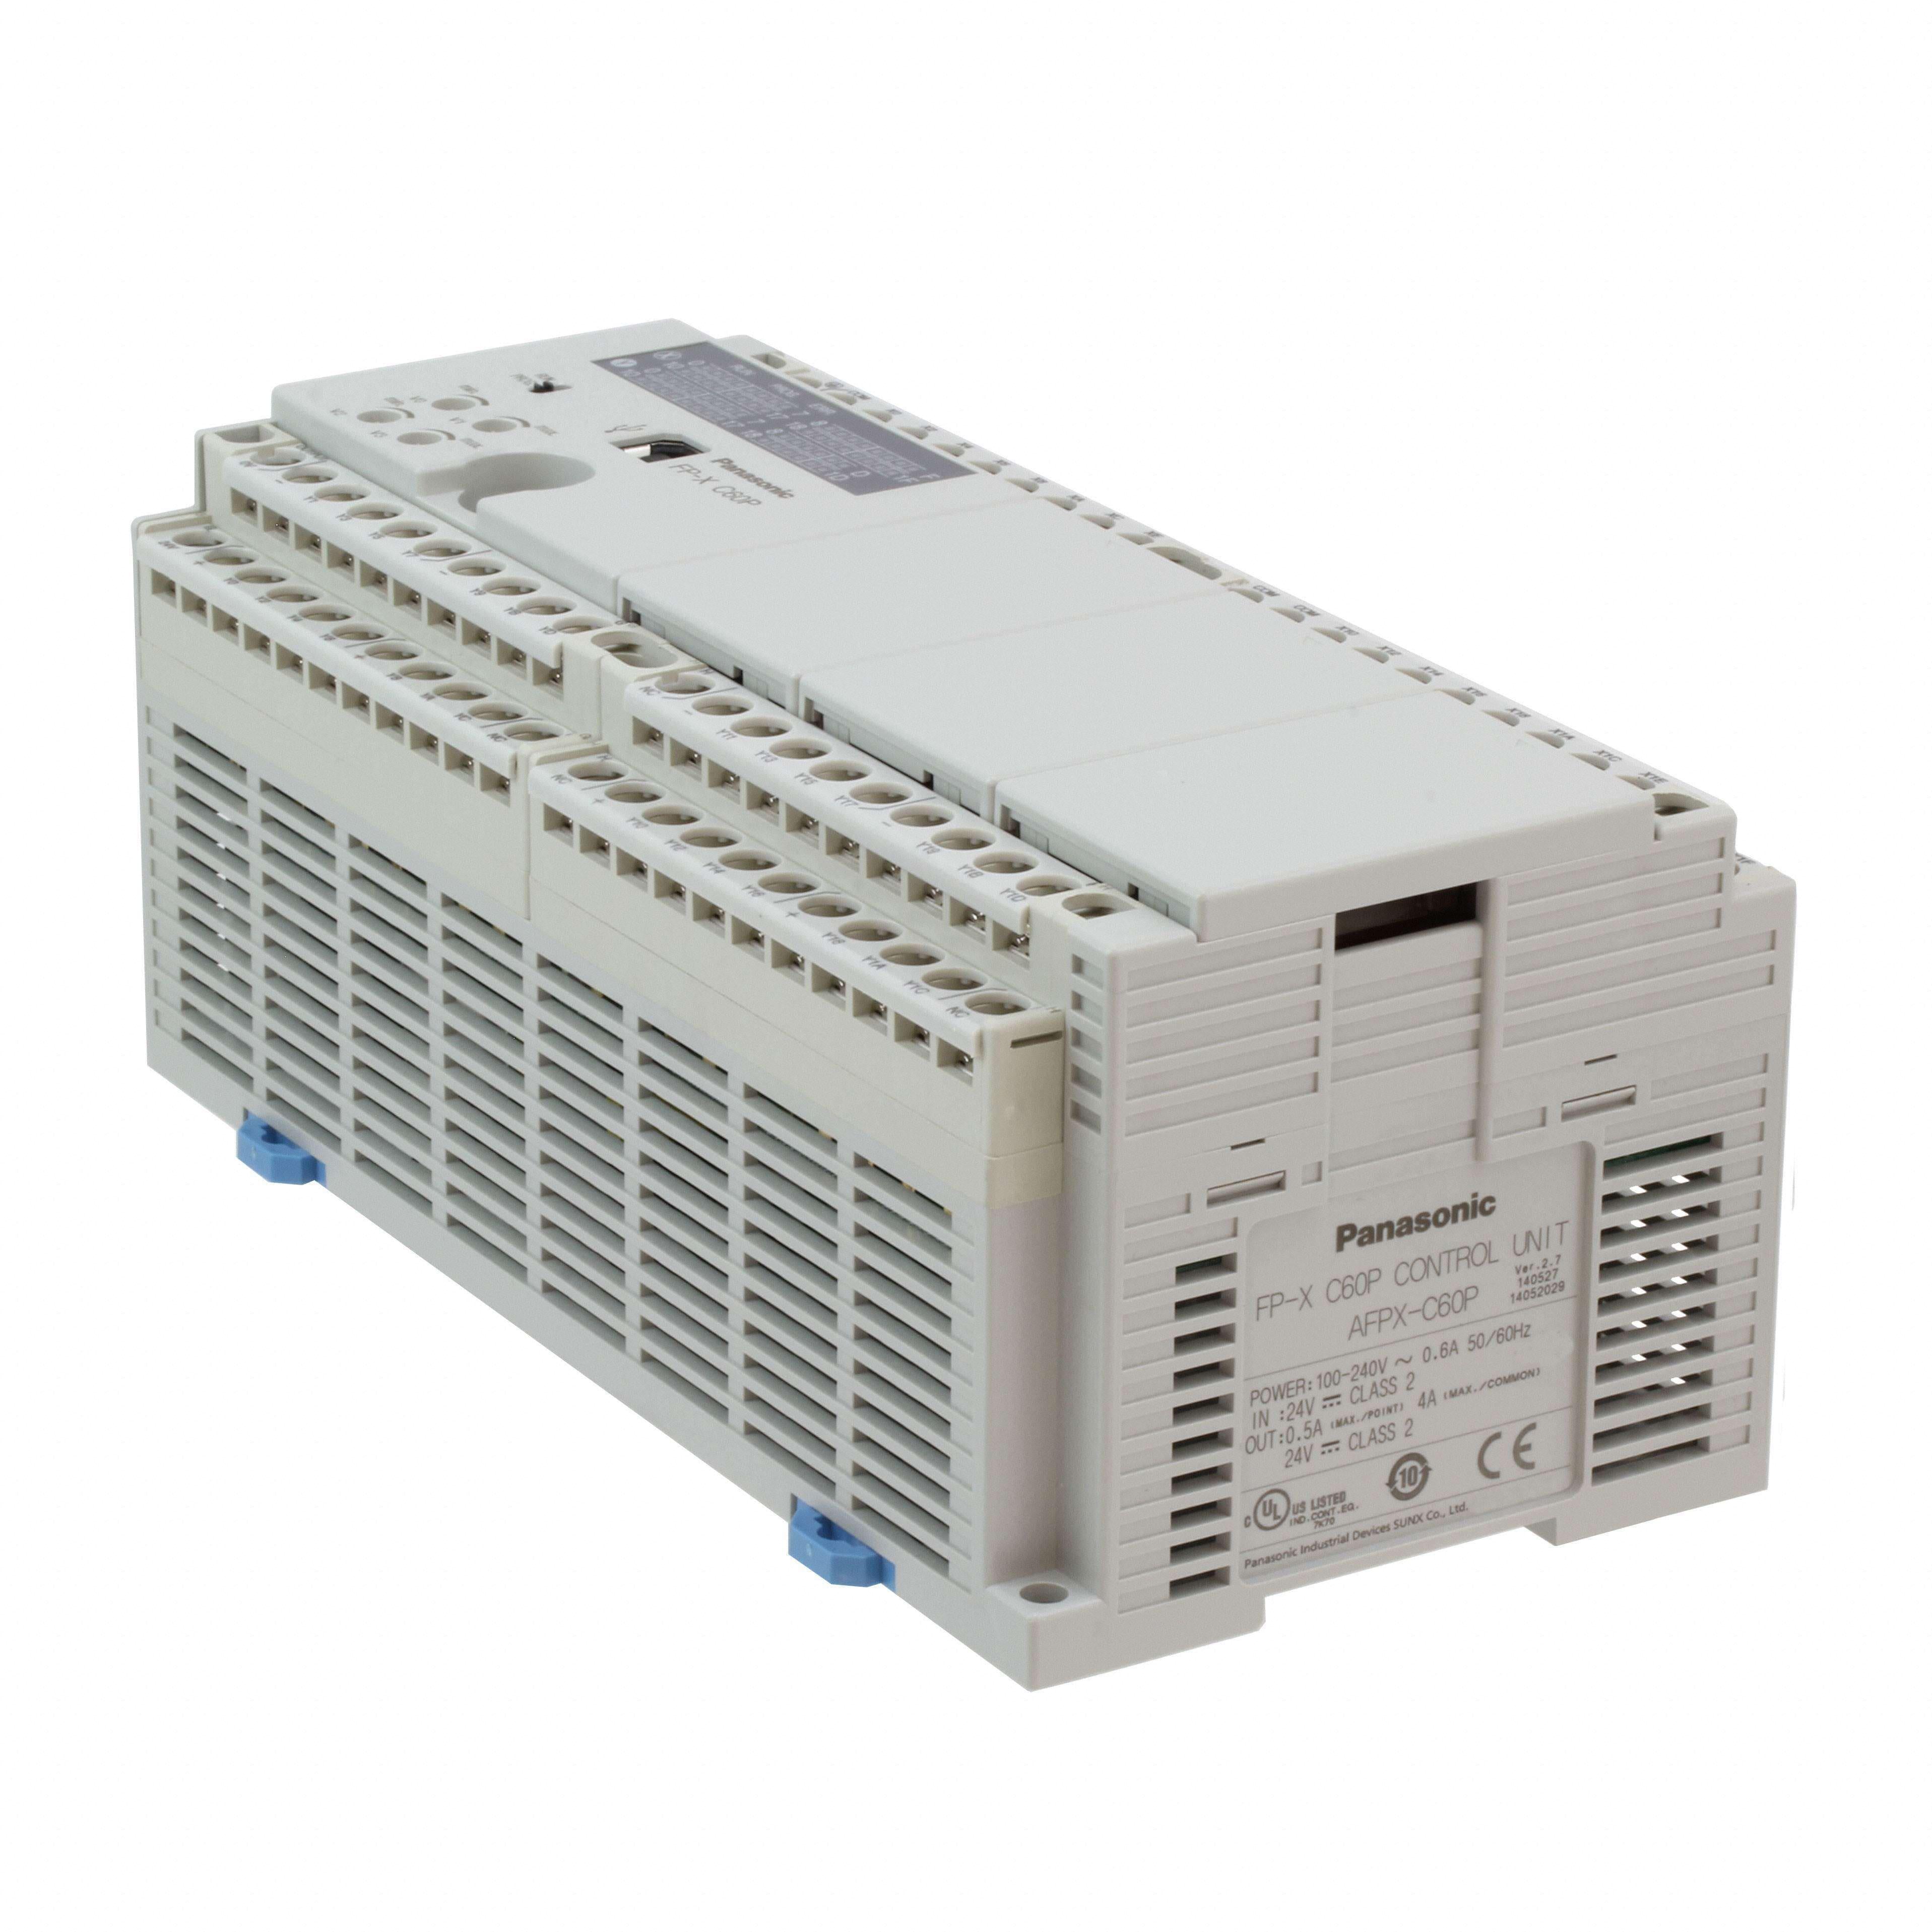 AFPX-C60P_可编程逻辑控制器